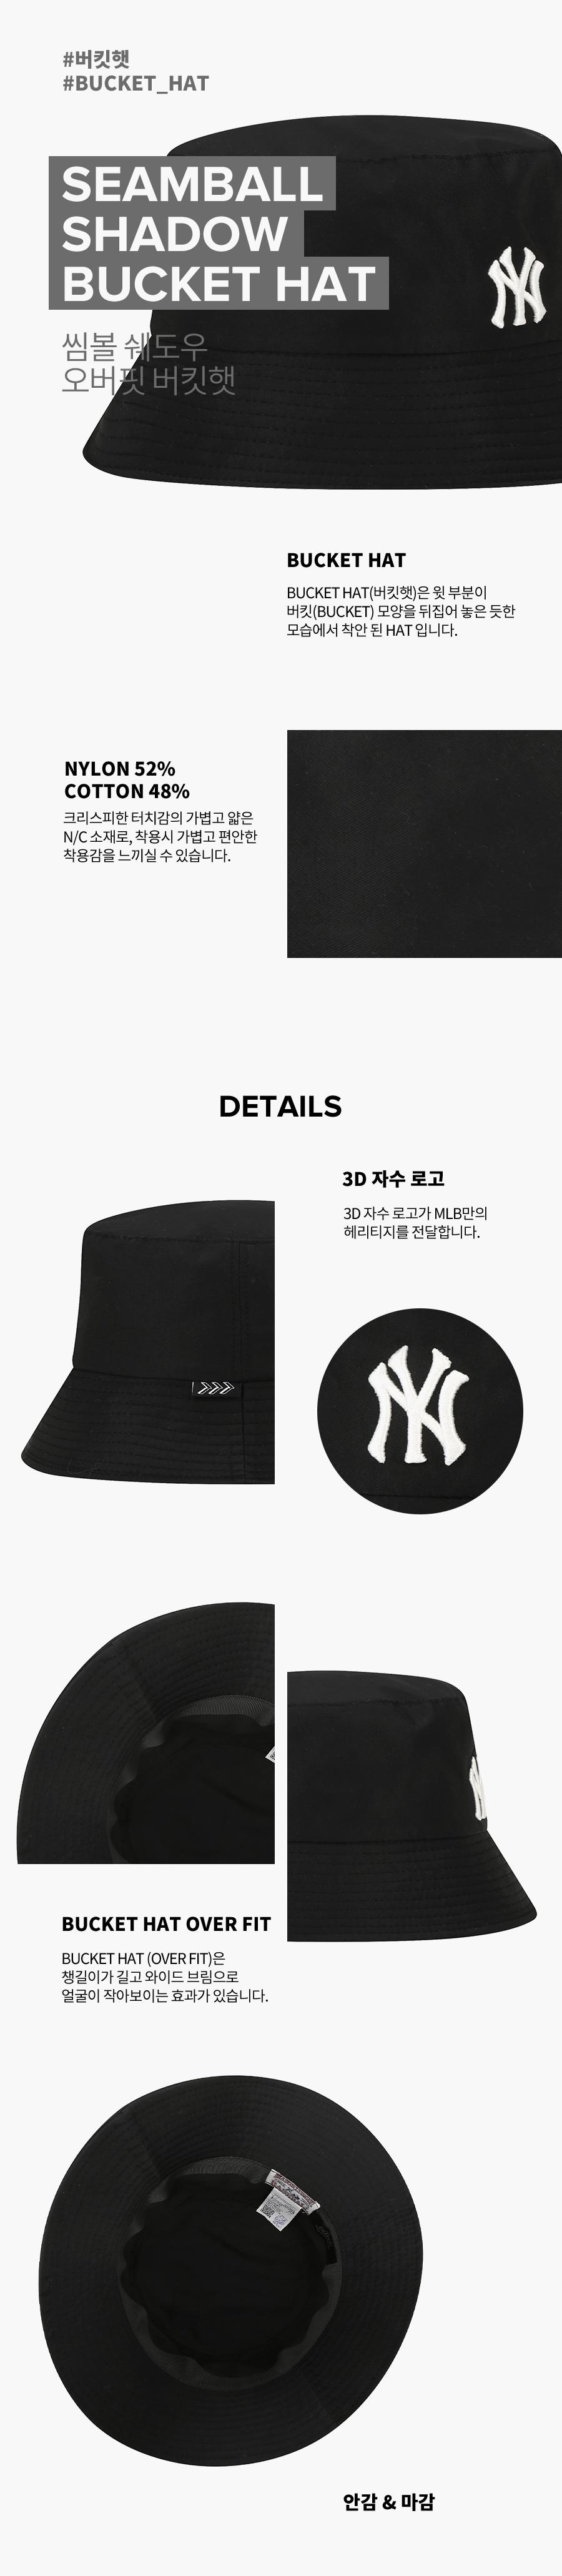 엠엘비(MLB) 씸볼 쉐도우 오버핏 버킷햇 NY (BLACK)